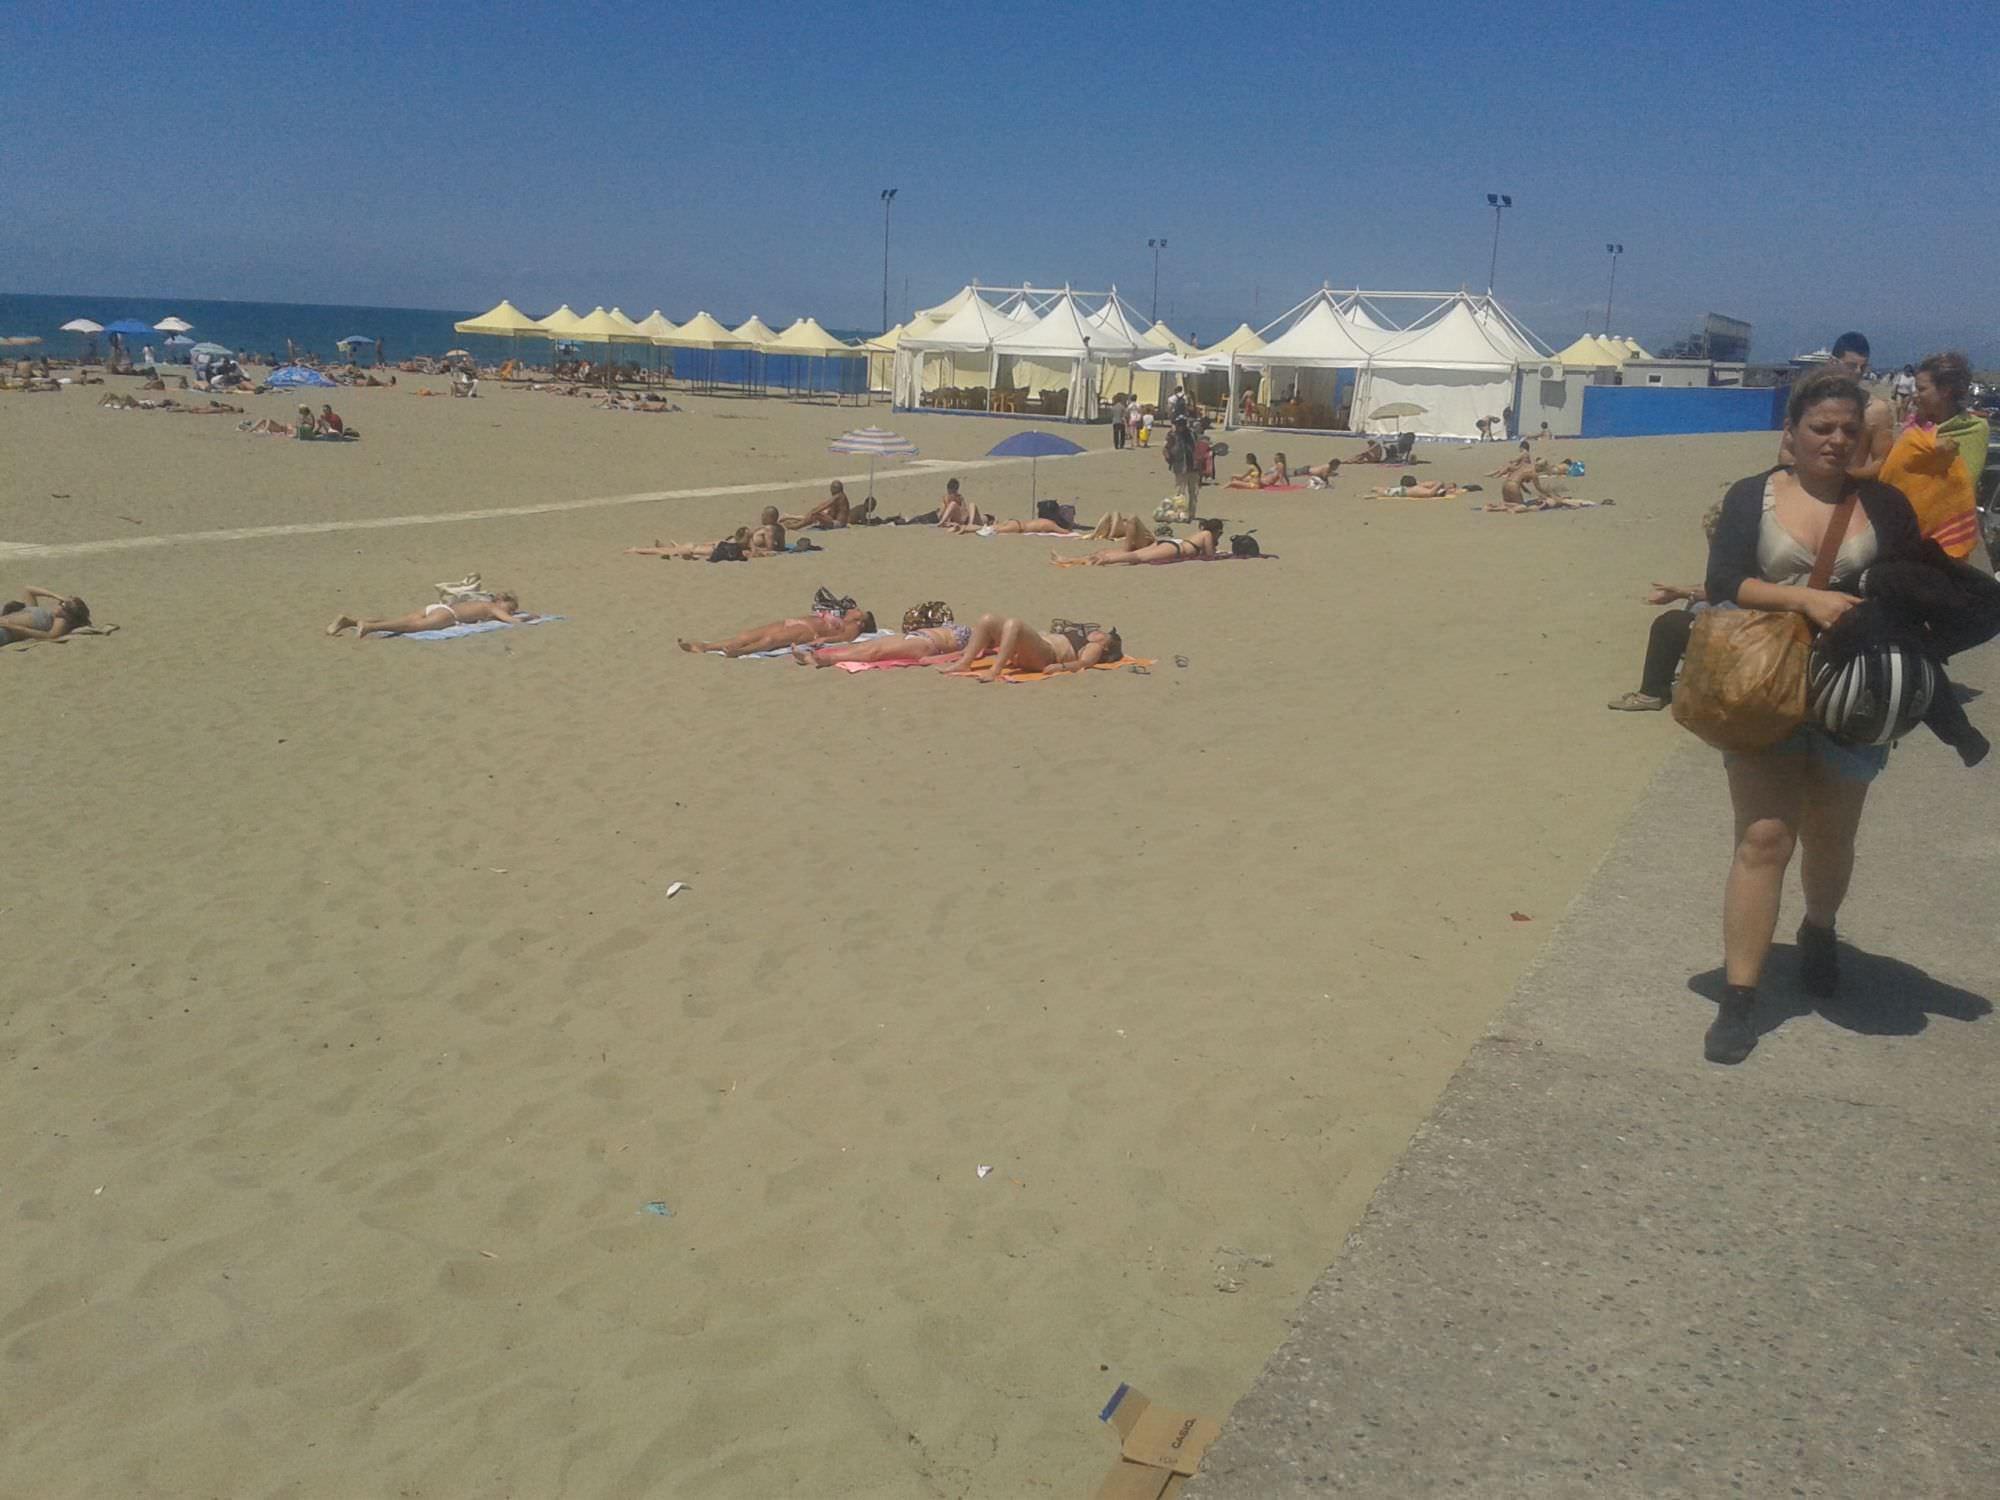 Tintarella e primi bagni alla spiaggia libera in darsena comune viareggio cronaca cronaca - Bagno sole viareggio ...